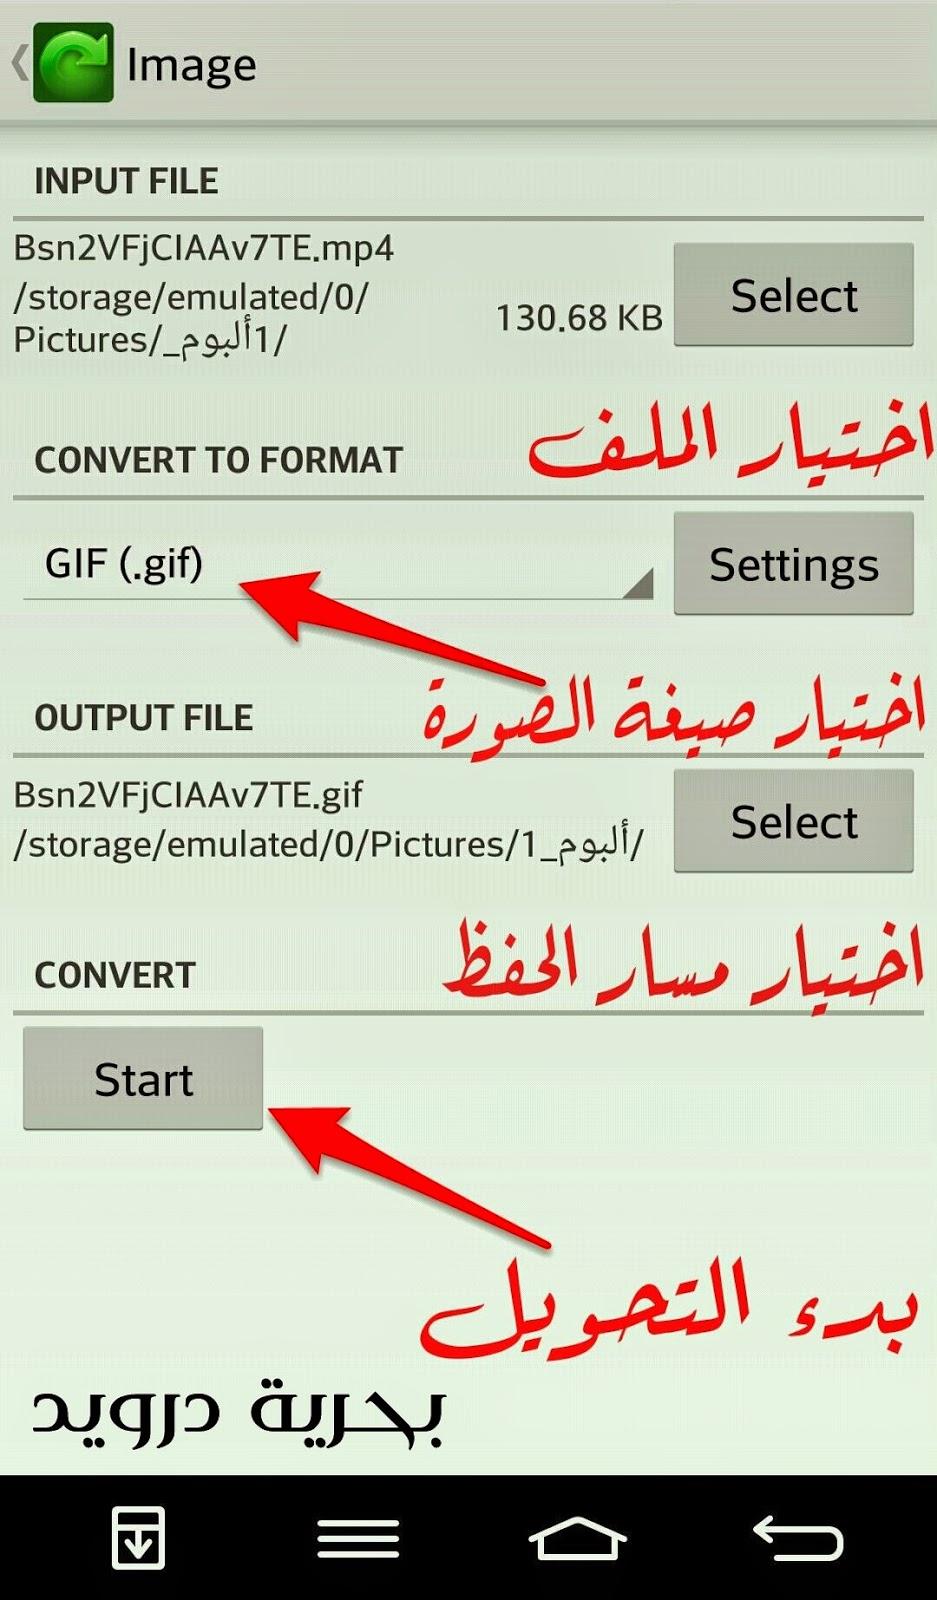 كيفية حفظ صور بصيغة GIF من تويتر | بحرية درويد